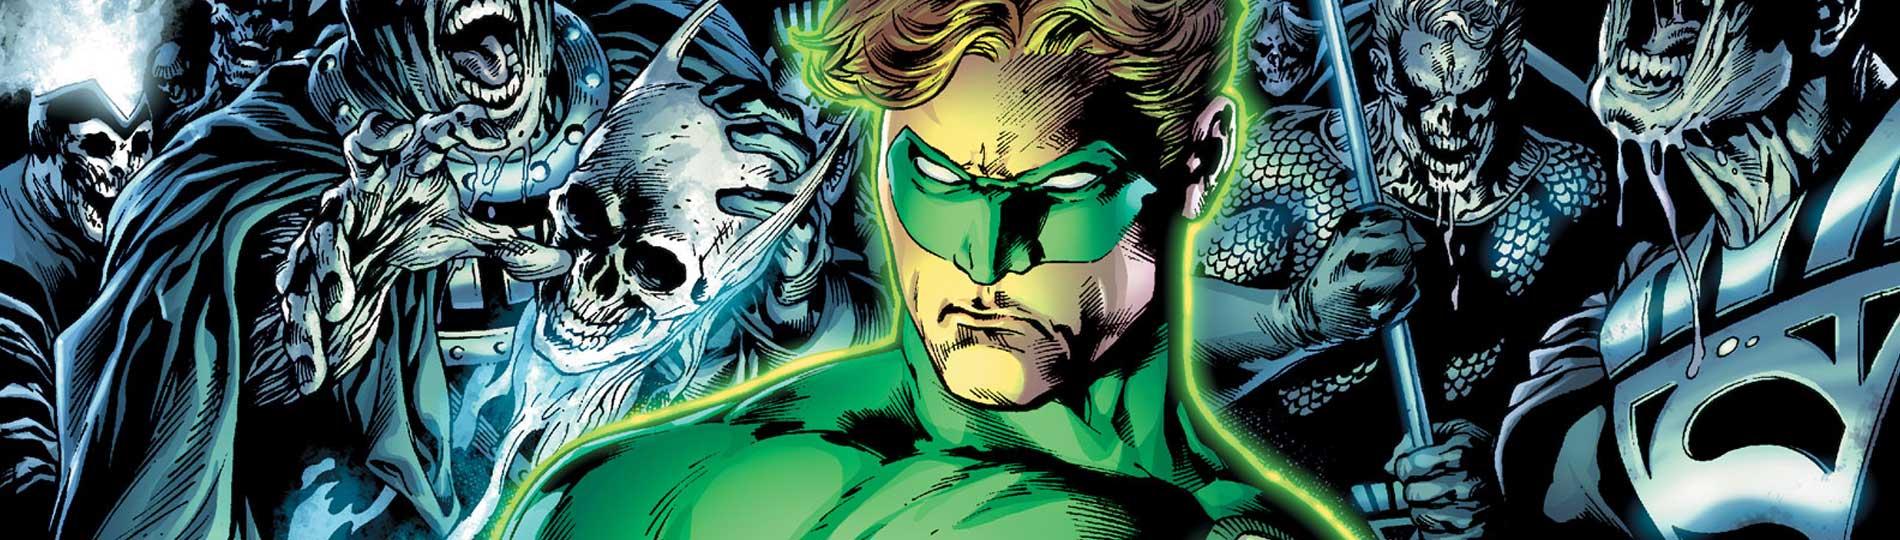 Pour rentrer dans le corps des Green Lantern, le candidat doit prêter serment. Quel est-il ?